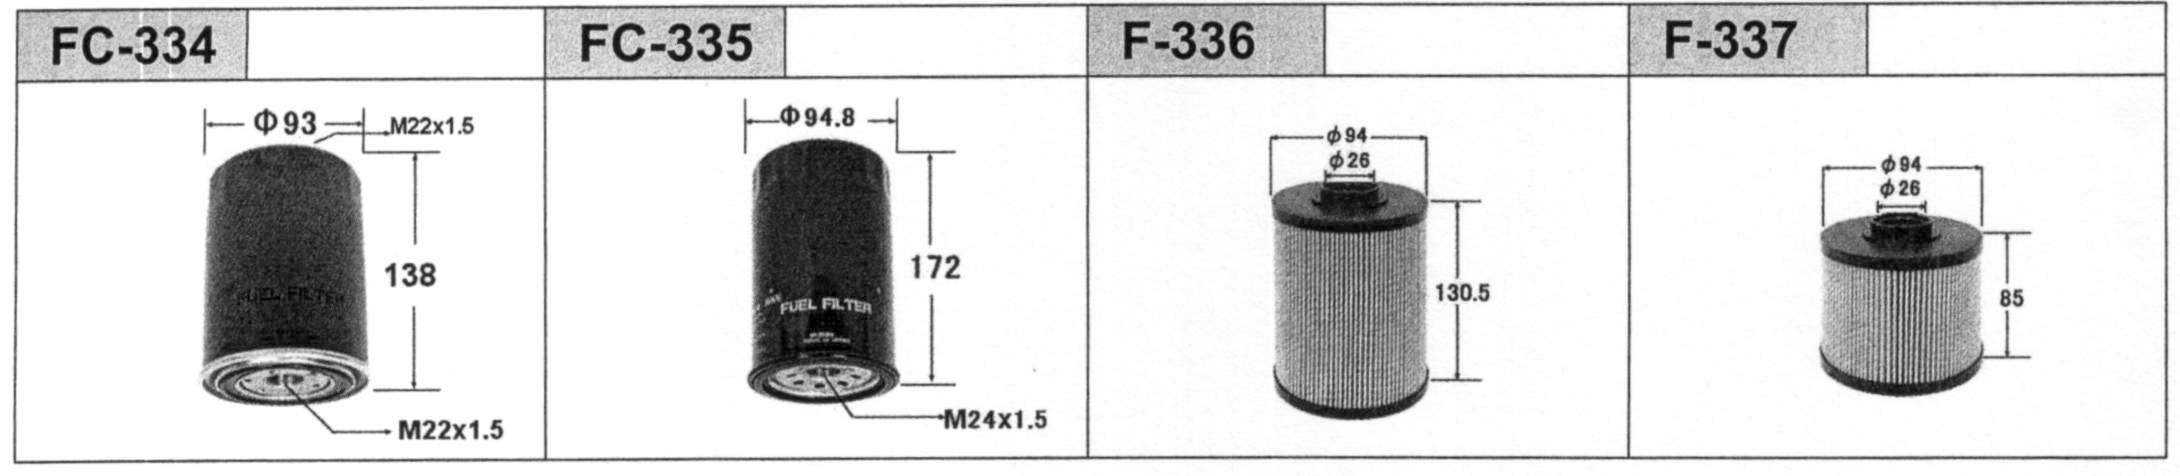 MMC_Fuel_Filter_02.jpg